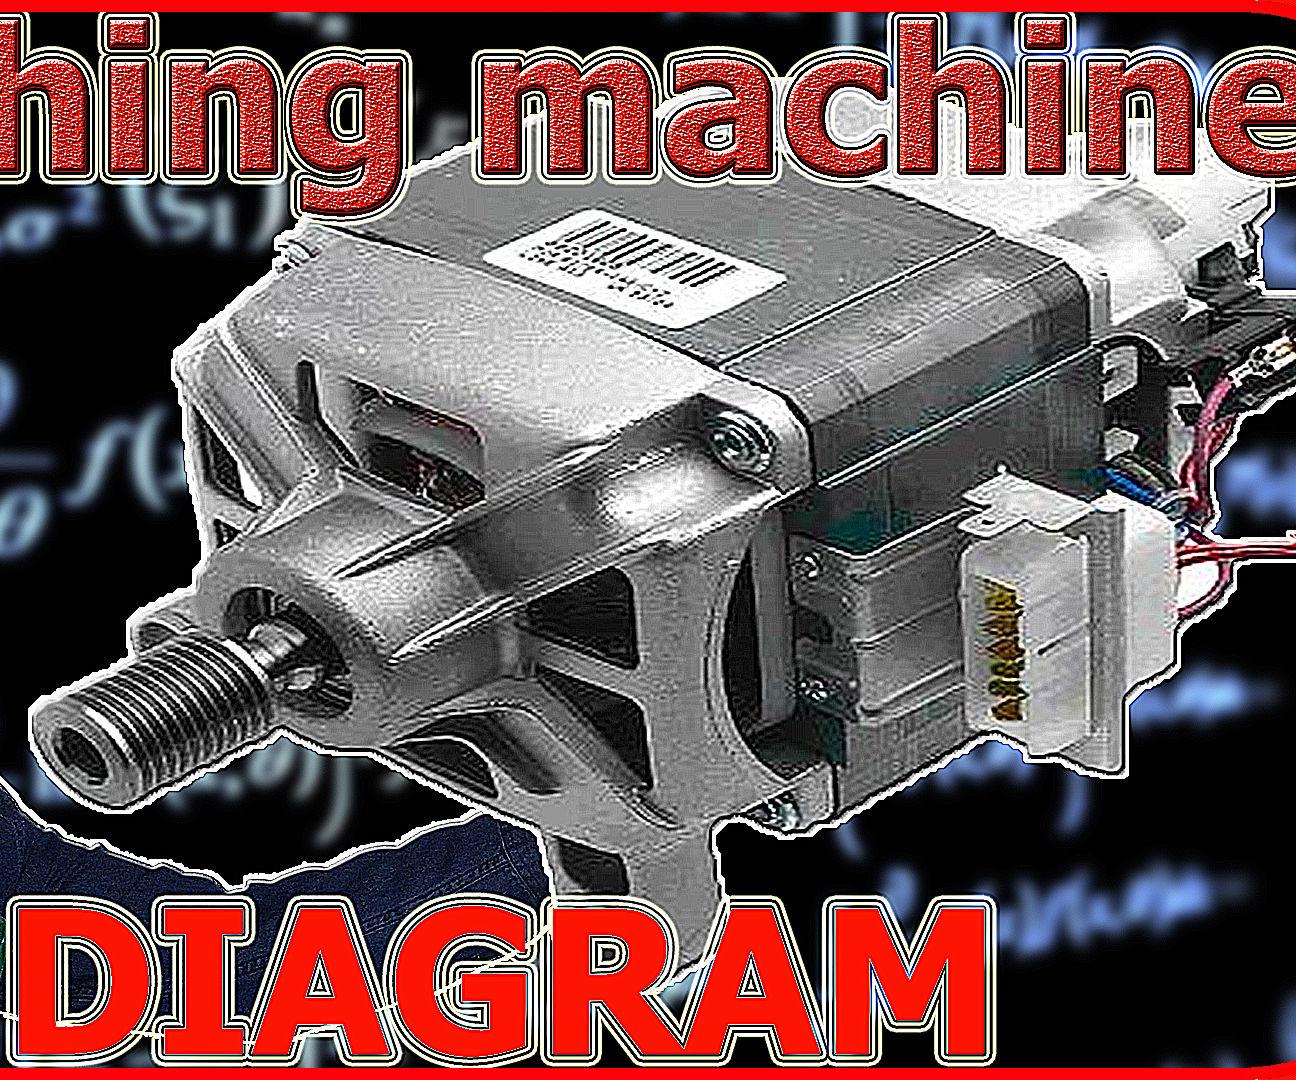 Washing Machine Motor Wiring Diagram: 6 Steps on